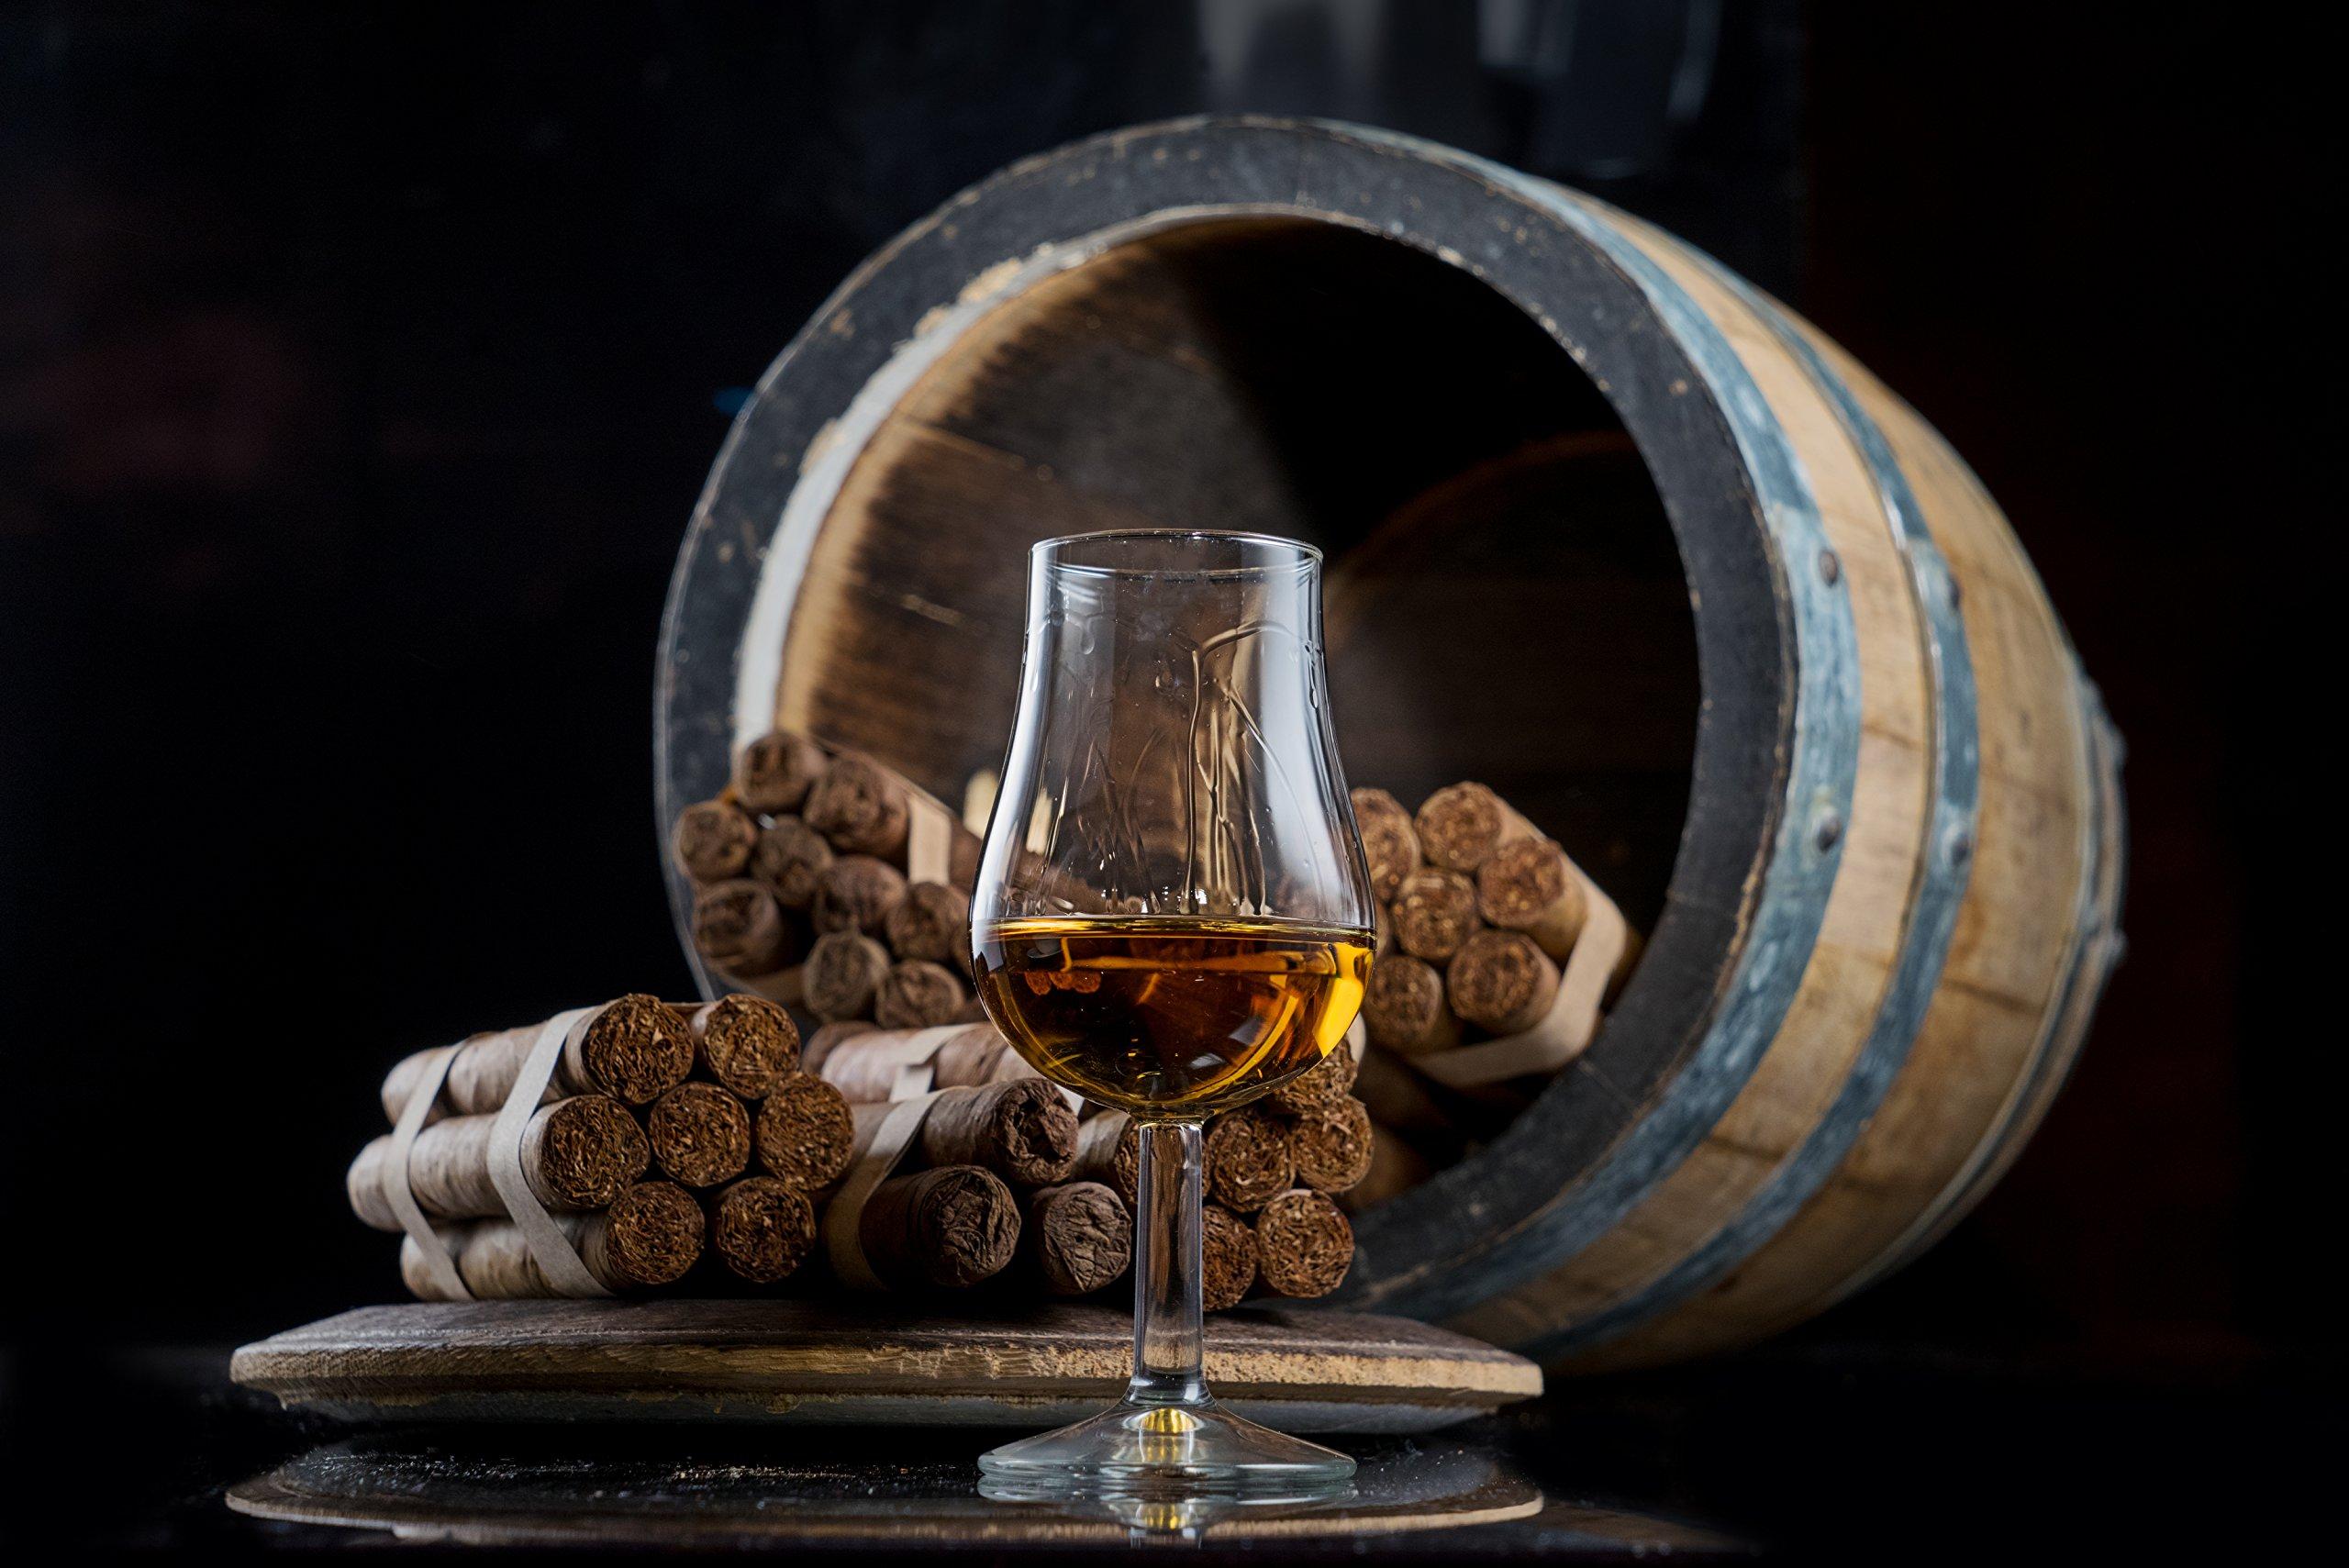 Stemmed Nosing Copita Whiskey Tasting Glass - 6oz Snifter (2)